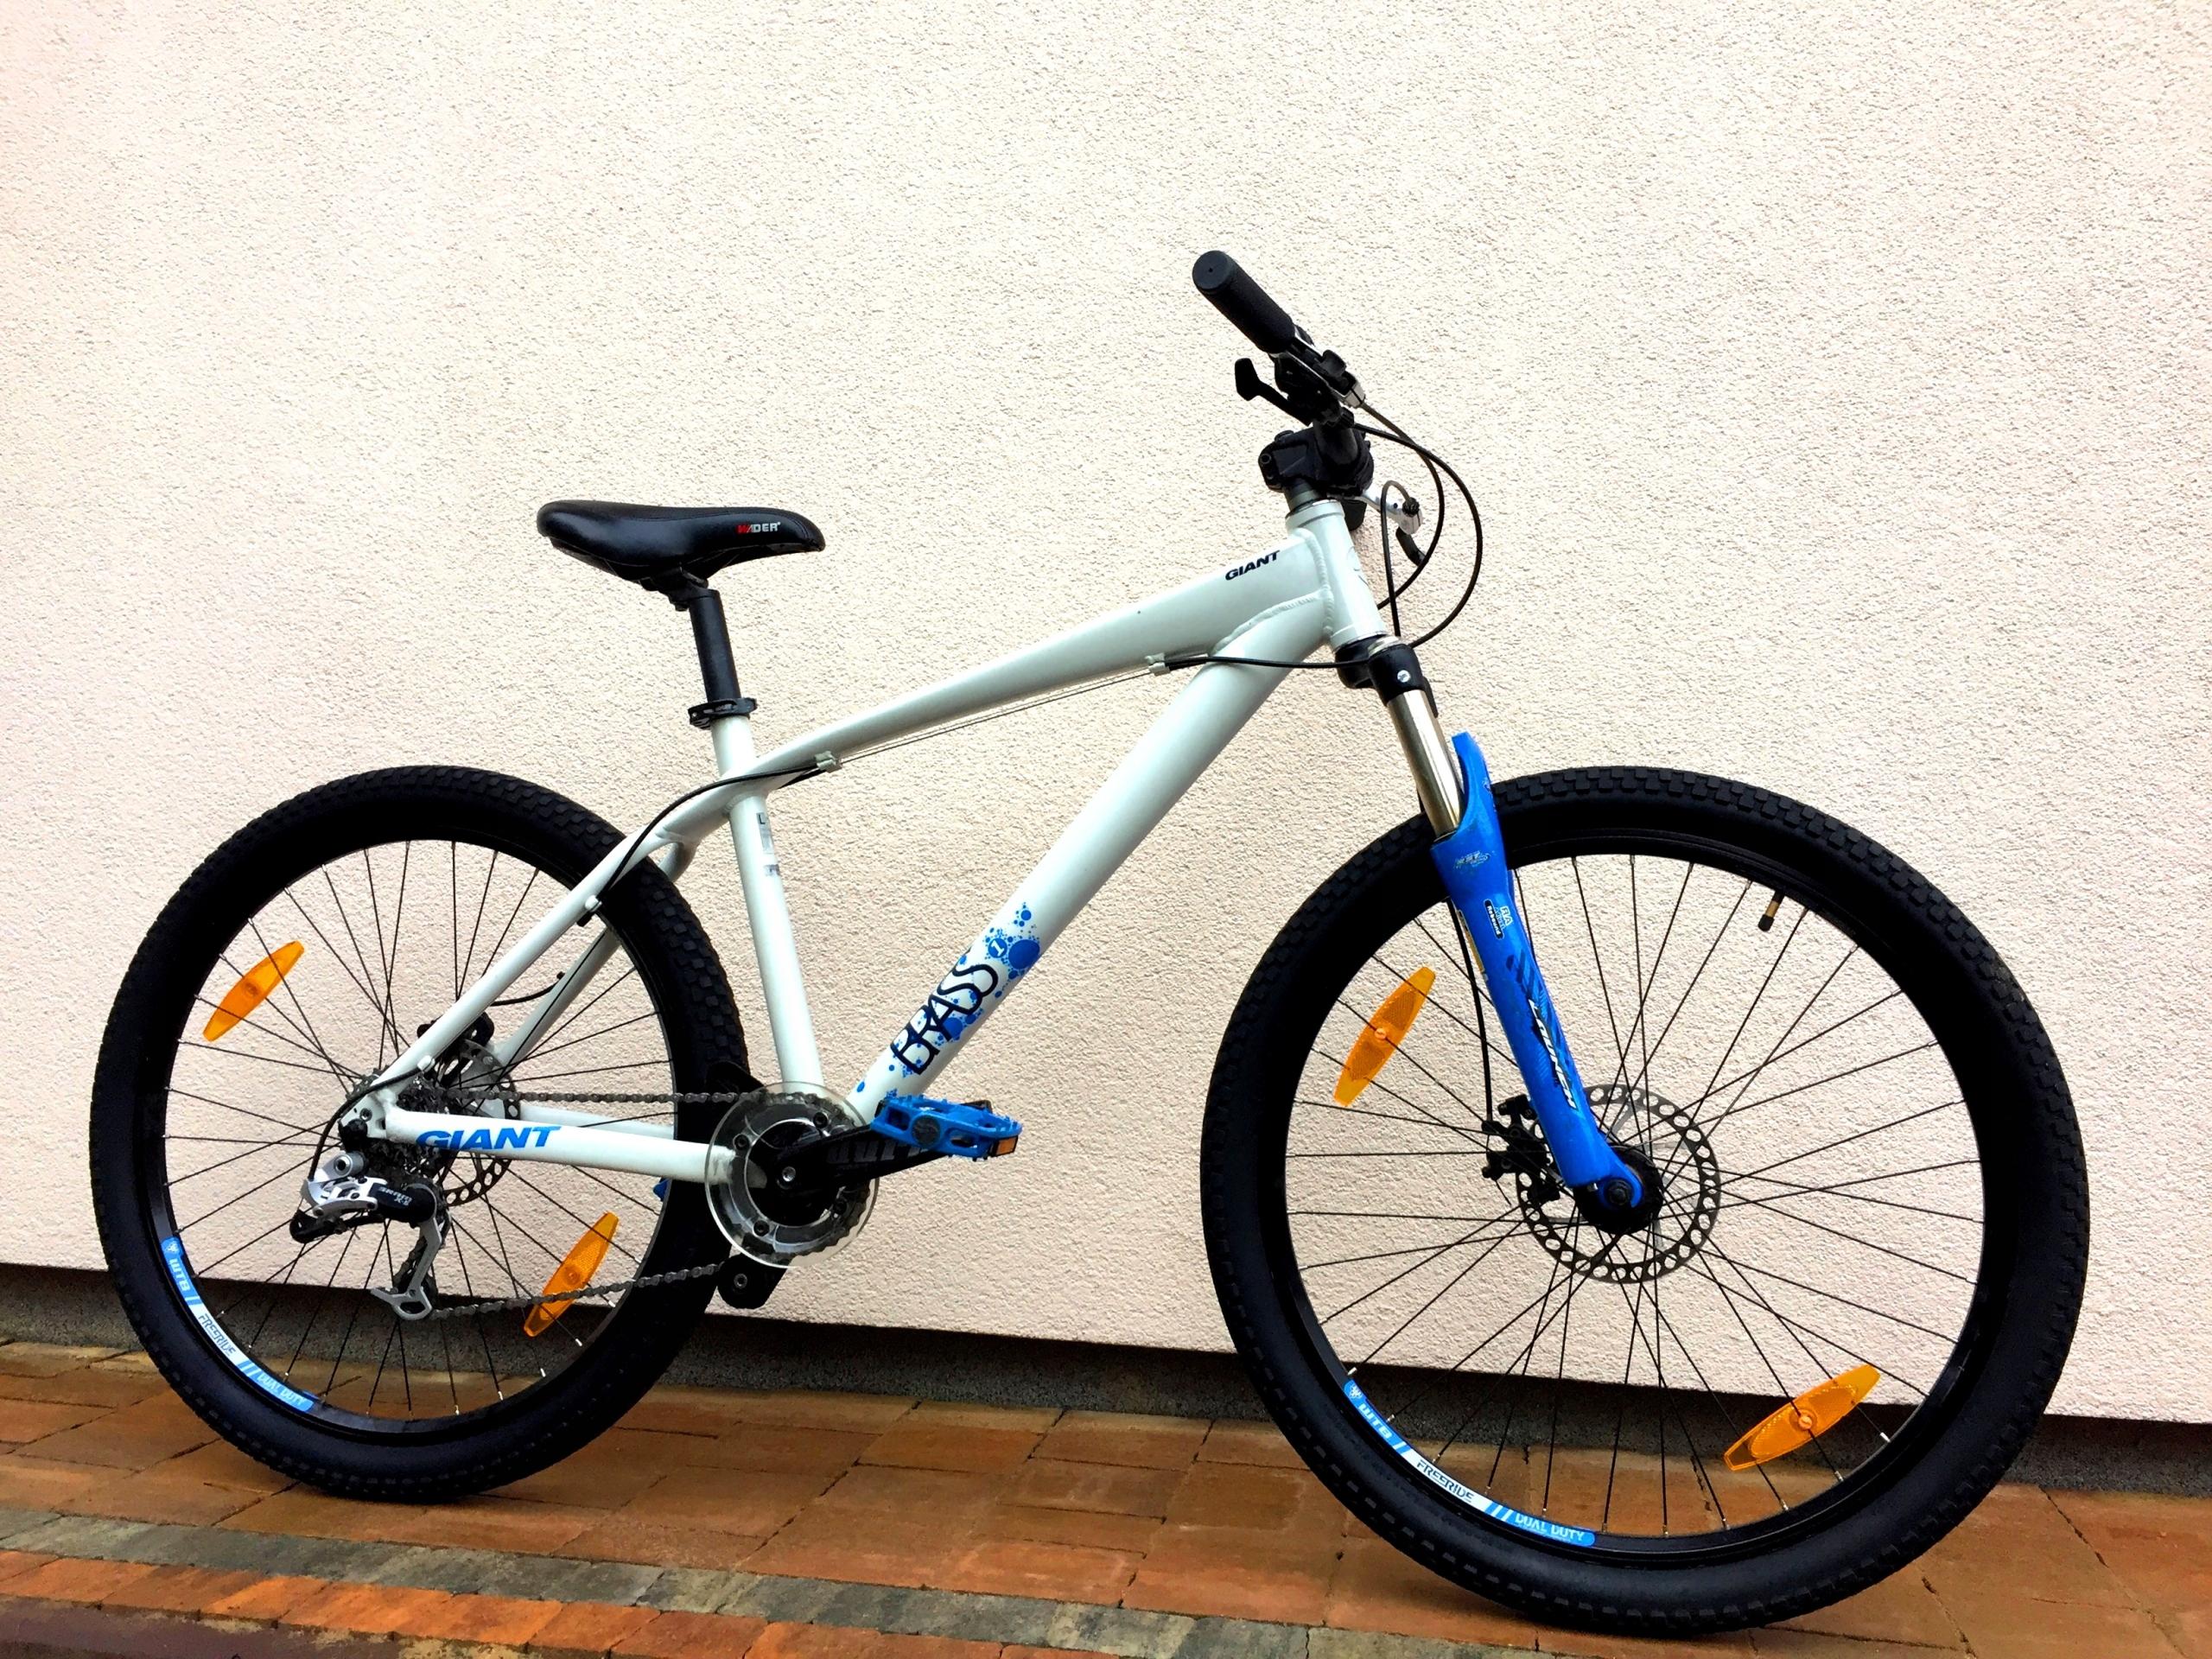 Rower GIANT BRASS MAŁO UŻYWANY Stunt MTB Shimano